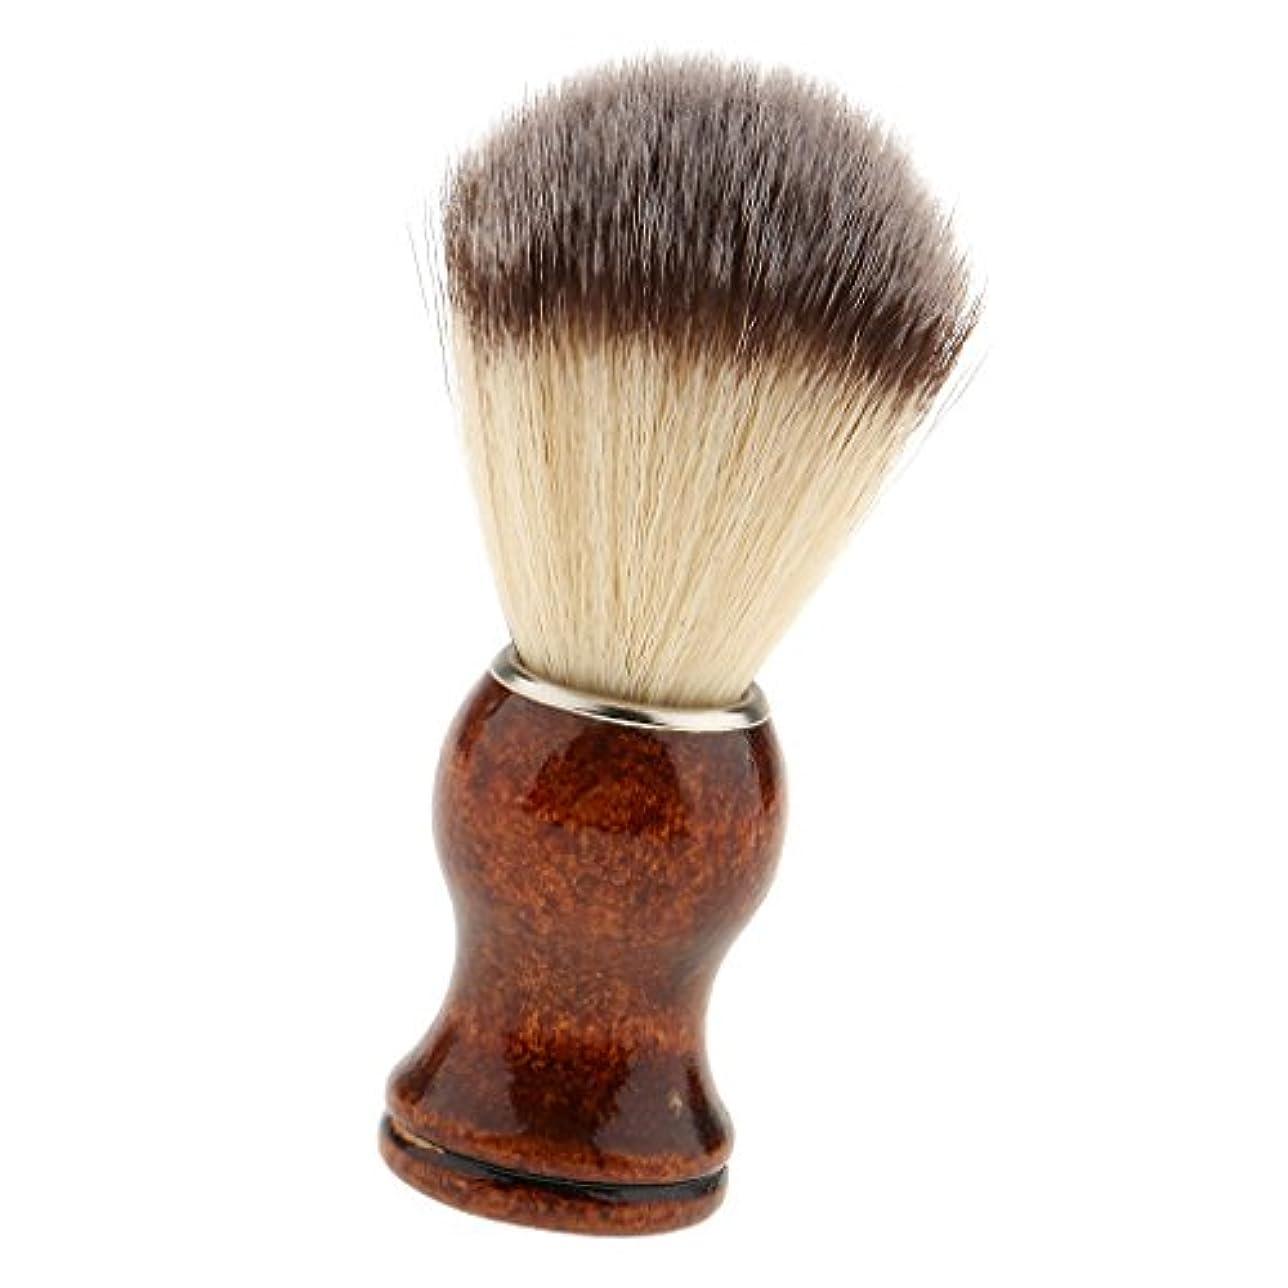 補正まばたき幸福サロン ひげブラシ シェービングブラシ メンズ用 ナイロン 理髪用 快適 首/顔 散髪整理 泡たてやすい